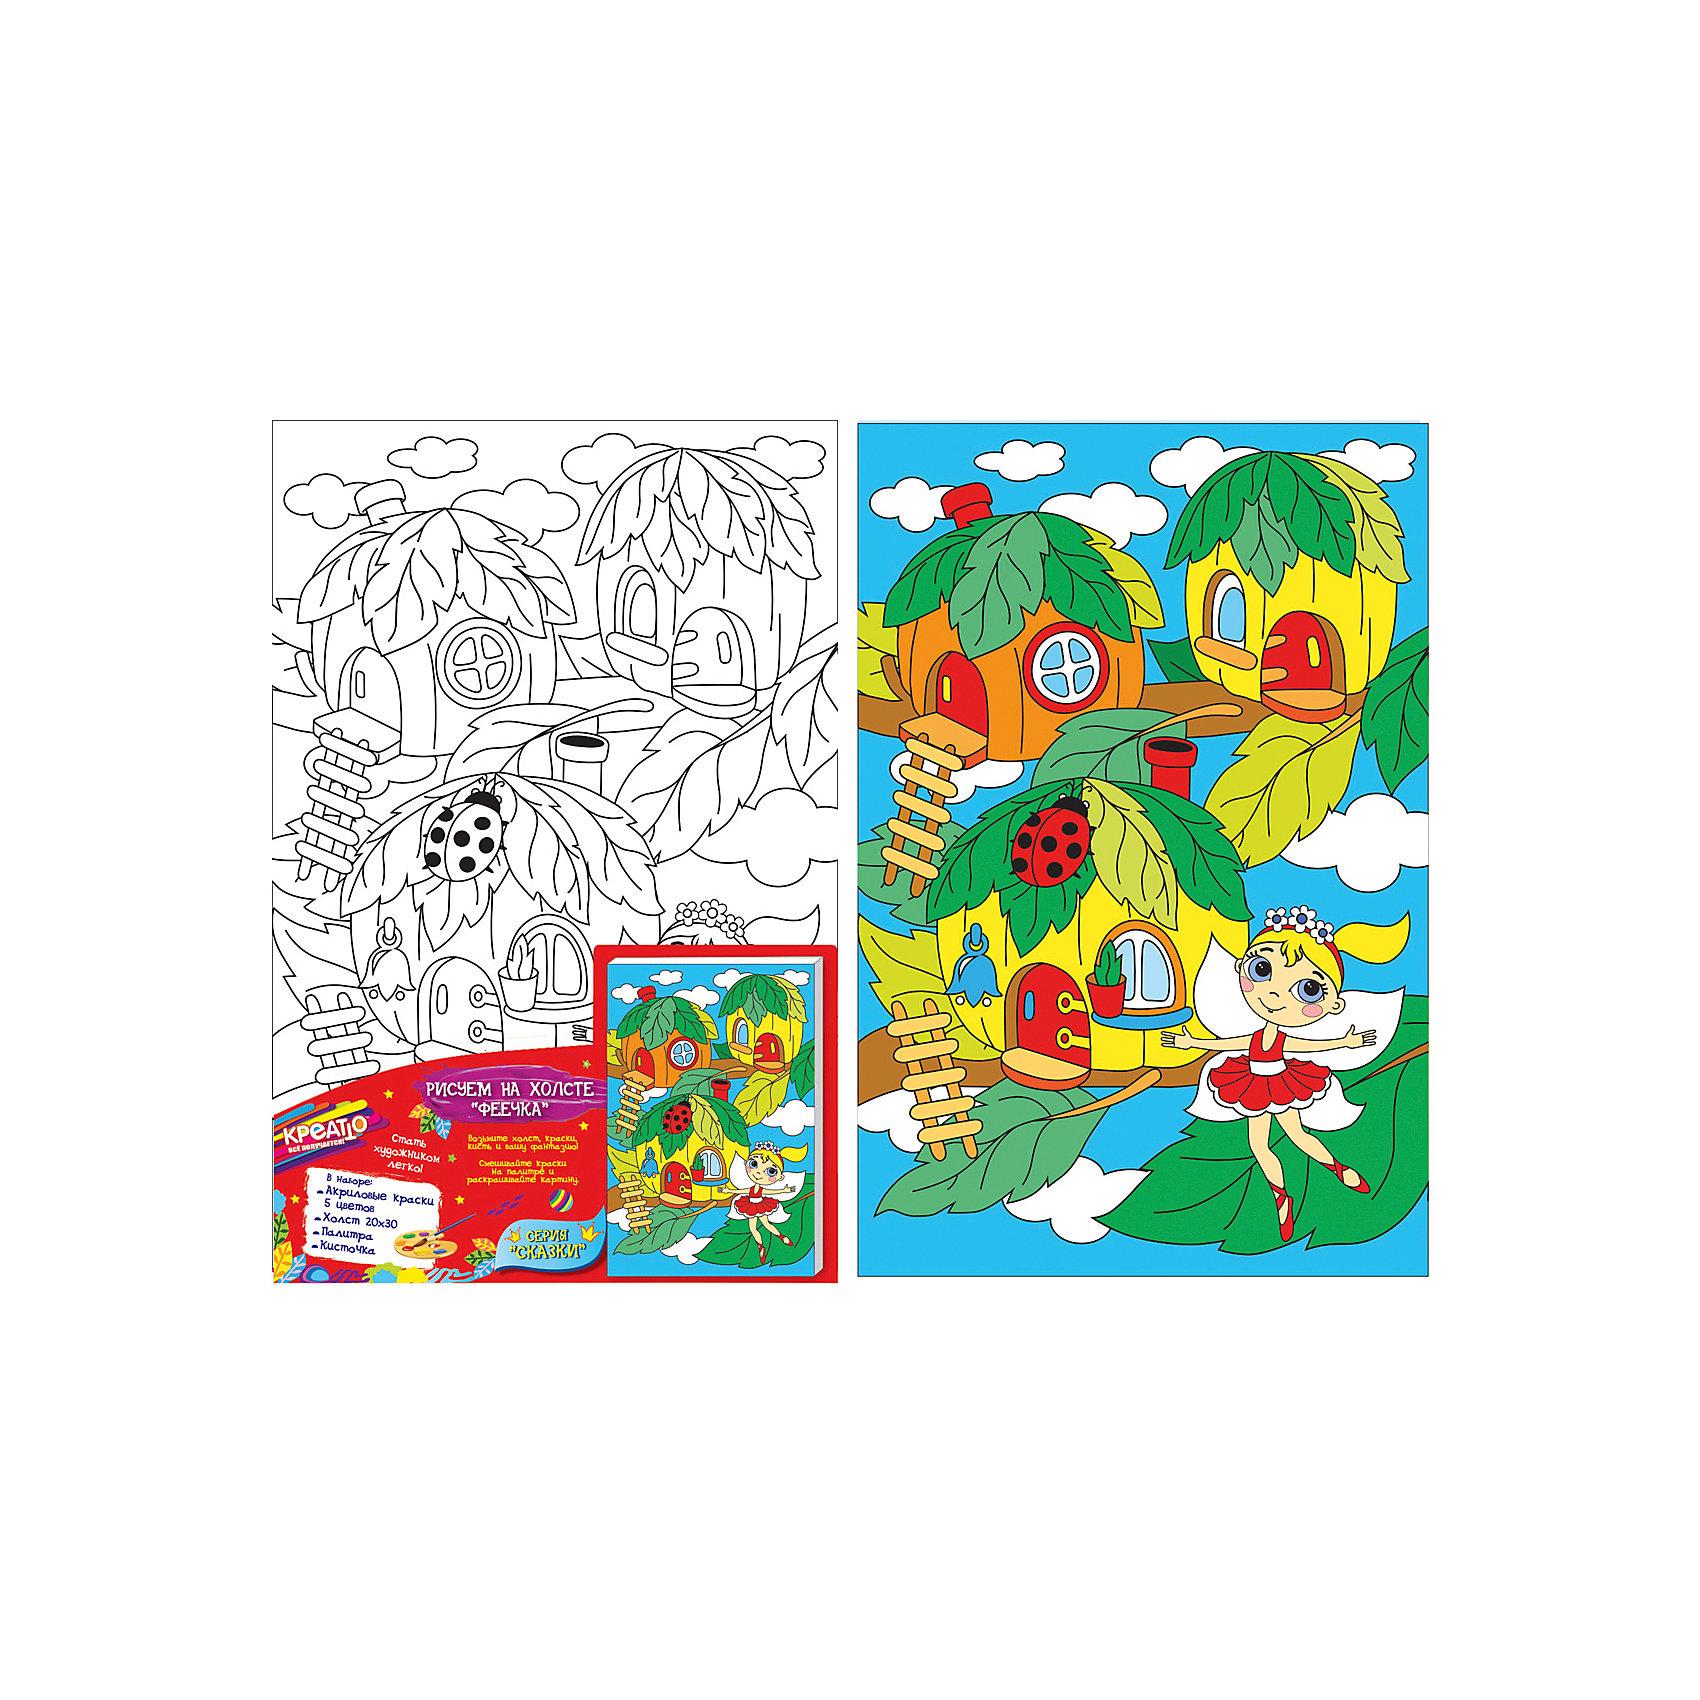 Роспись по холсту ФЕЕЧКА, 20Х30СМС набором для росписи по холсту «Феечка» ваш ребенок сможет создать красивую картинку. В комплекте для этого есть все необходимое. Для удобства выдавите краску из тюбиков на палитру, при желании смешайте цвета, получив новые оттенки, или разбавьте краски водой для придания им прозрачности. Если ошиблись, то просто закрасьте фрагмент новым цветом поверх подсохшей краски. Во время раскрашивания картинки на холсте у юной художницы развивается мелкая моторика, художественный вкус, воображение, умение рисовать и сочетать цвета. А в результате получится красивая, яркая картина. С «Креатто» все получается легко!&#13;<br>В наборе: плотный отбеленный загрунтованный холст с контурным рисунком, натянутый на деревянную рамку (20х30 см); 5 ярких цветов акриловых красок в металлических тубах; палитра; кисточка. Акриловые краски легко ложатся на холст, быстро сохнут, хорошо растворяются в воде, после высыхания становятся водонепроницаемыми. Товар сертифицирован. Срок годности: 3 года.<br><br>Ширина мм: 300<br>Глубина мм: 200<br>Высота мм: 15<br>Вес г: 190<br>Возраст от месяцев: 36<br>Возраст до месяцев: 84<br>Пол: Унисекс<br>Возраст: Детский<br>SKU: 5016377